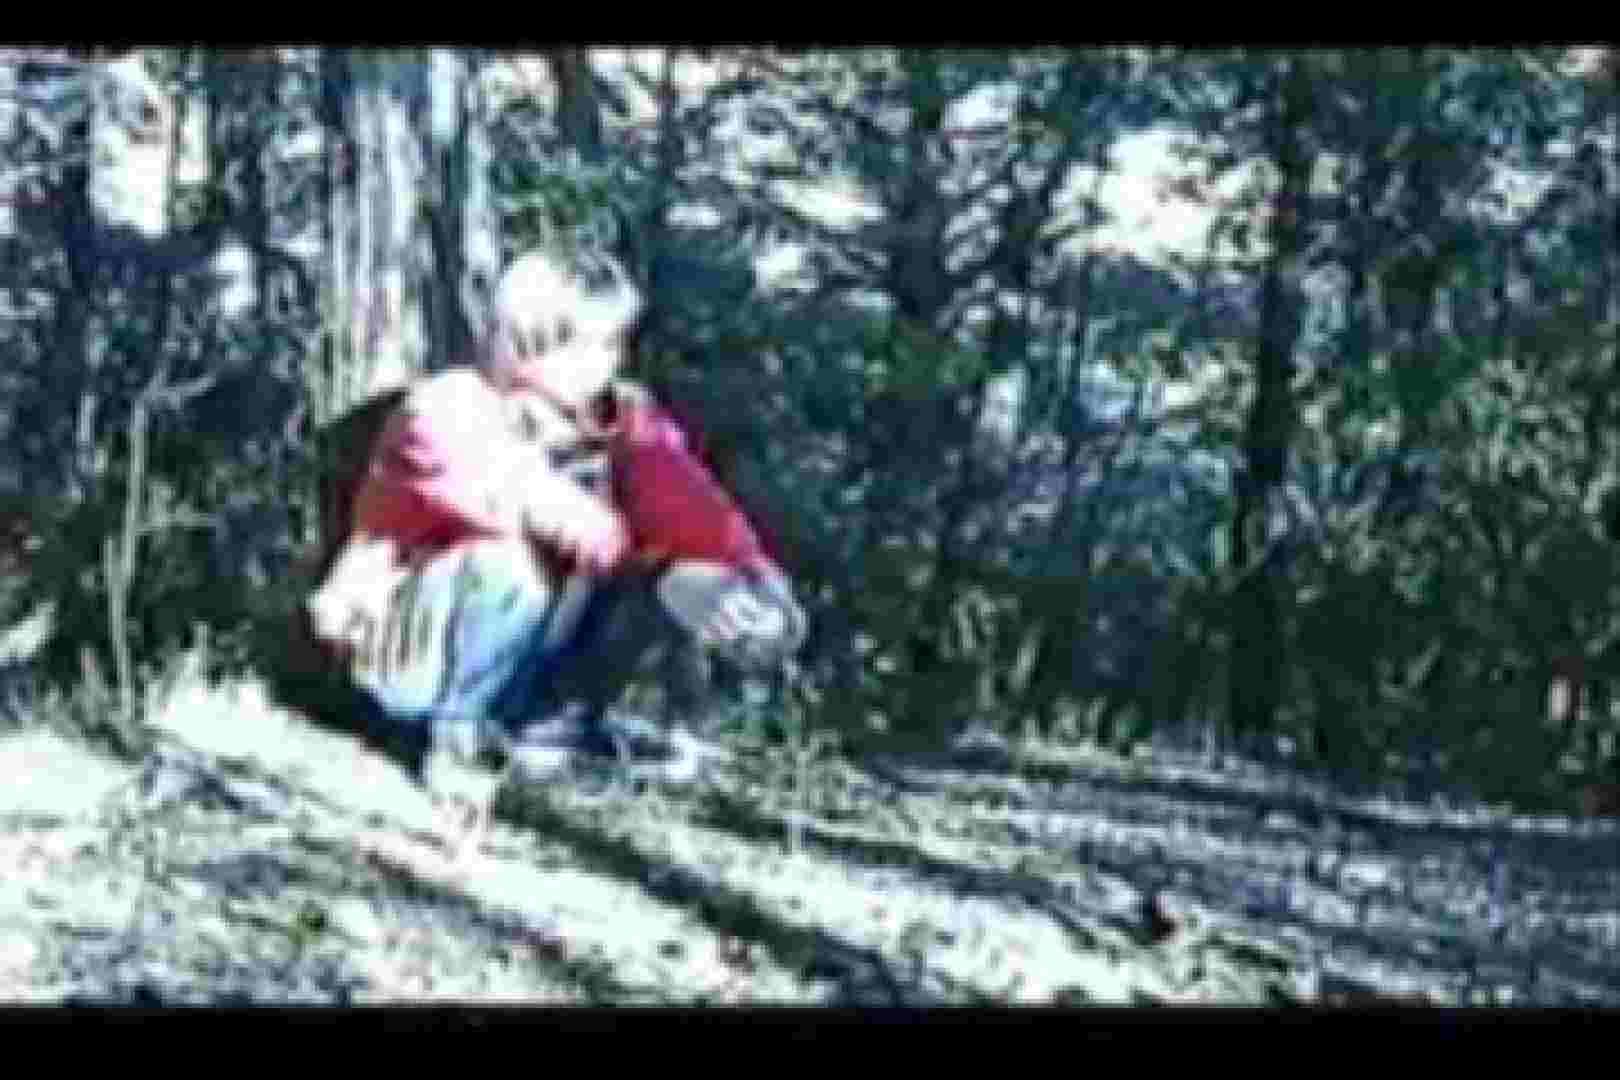 オールドゲイシリーズ  美少年ひかるのオープンファック イケメン  106pic 48